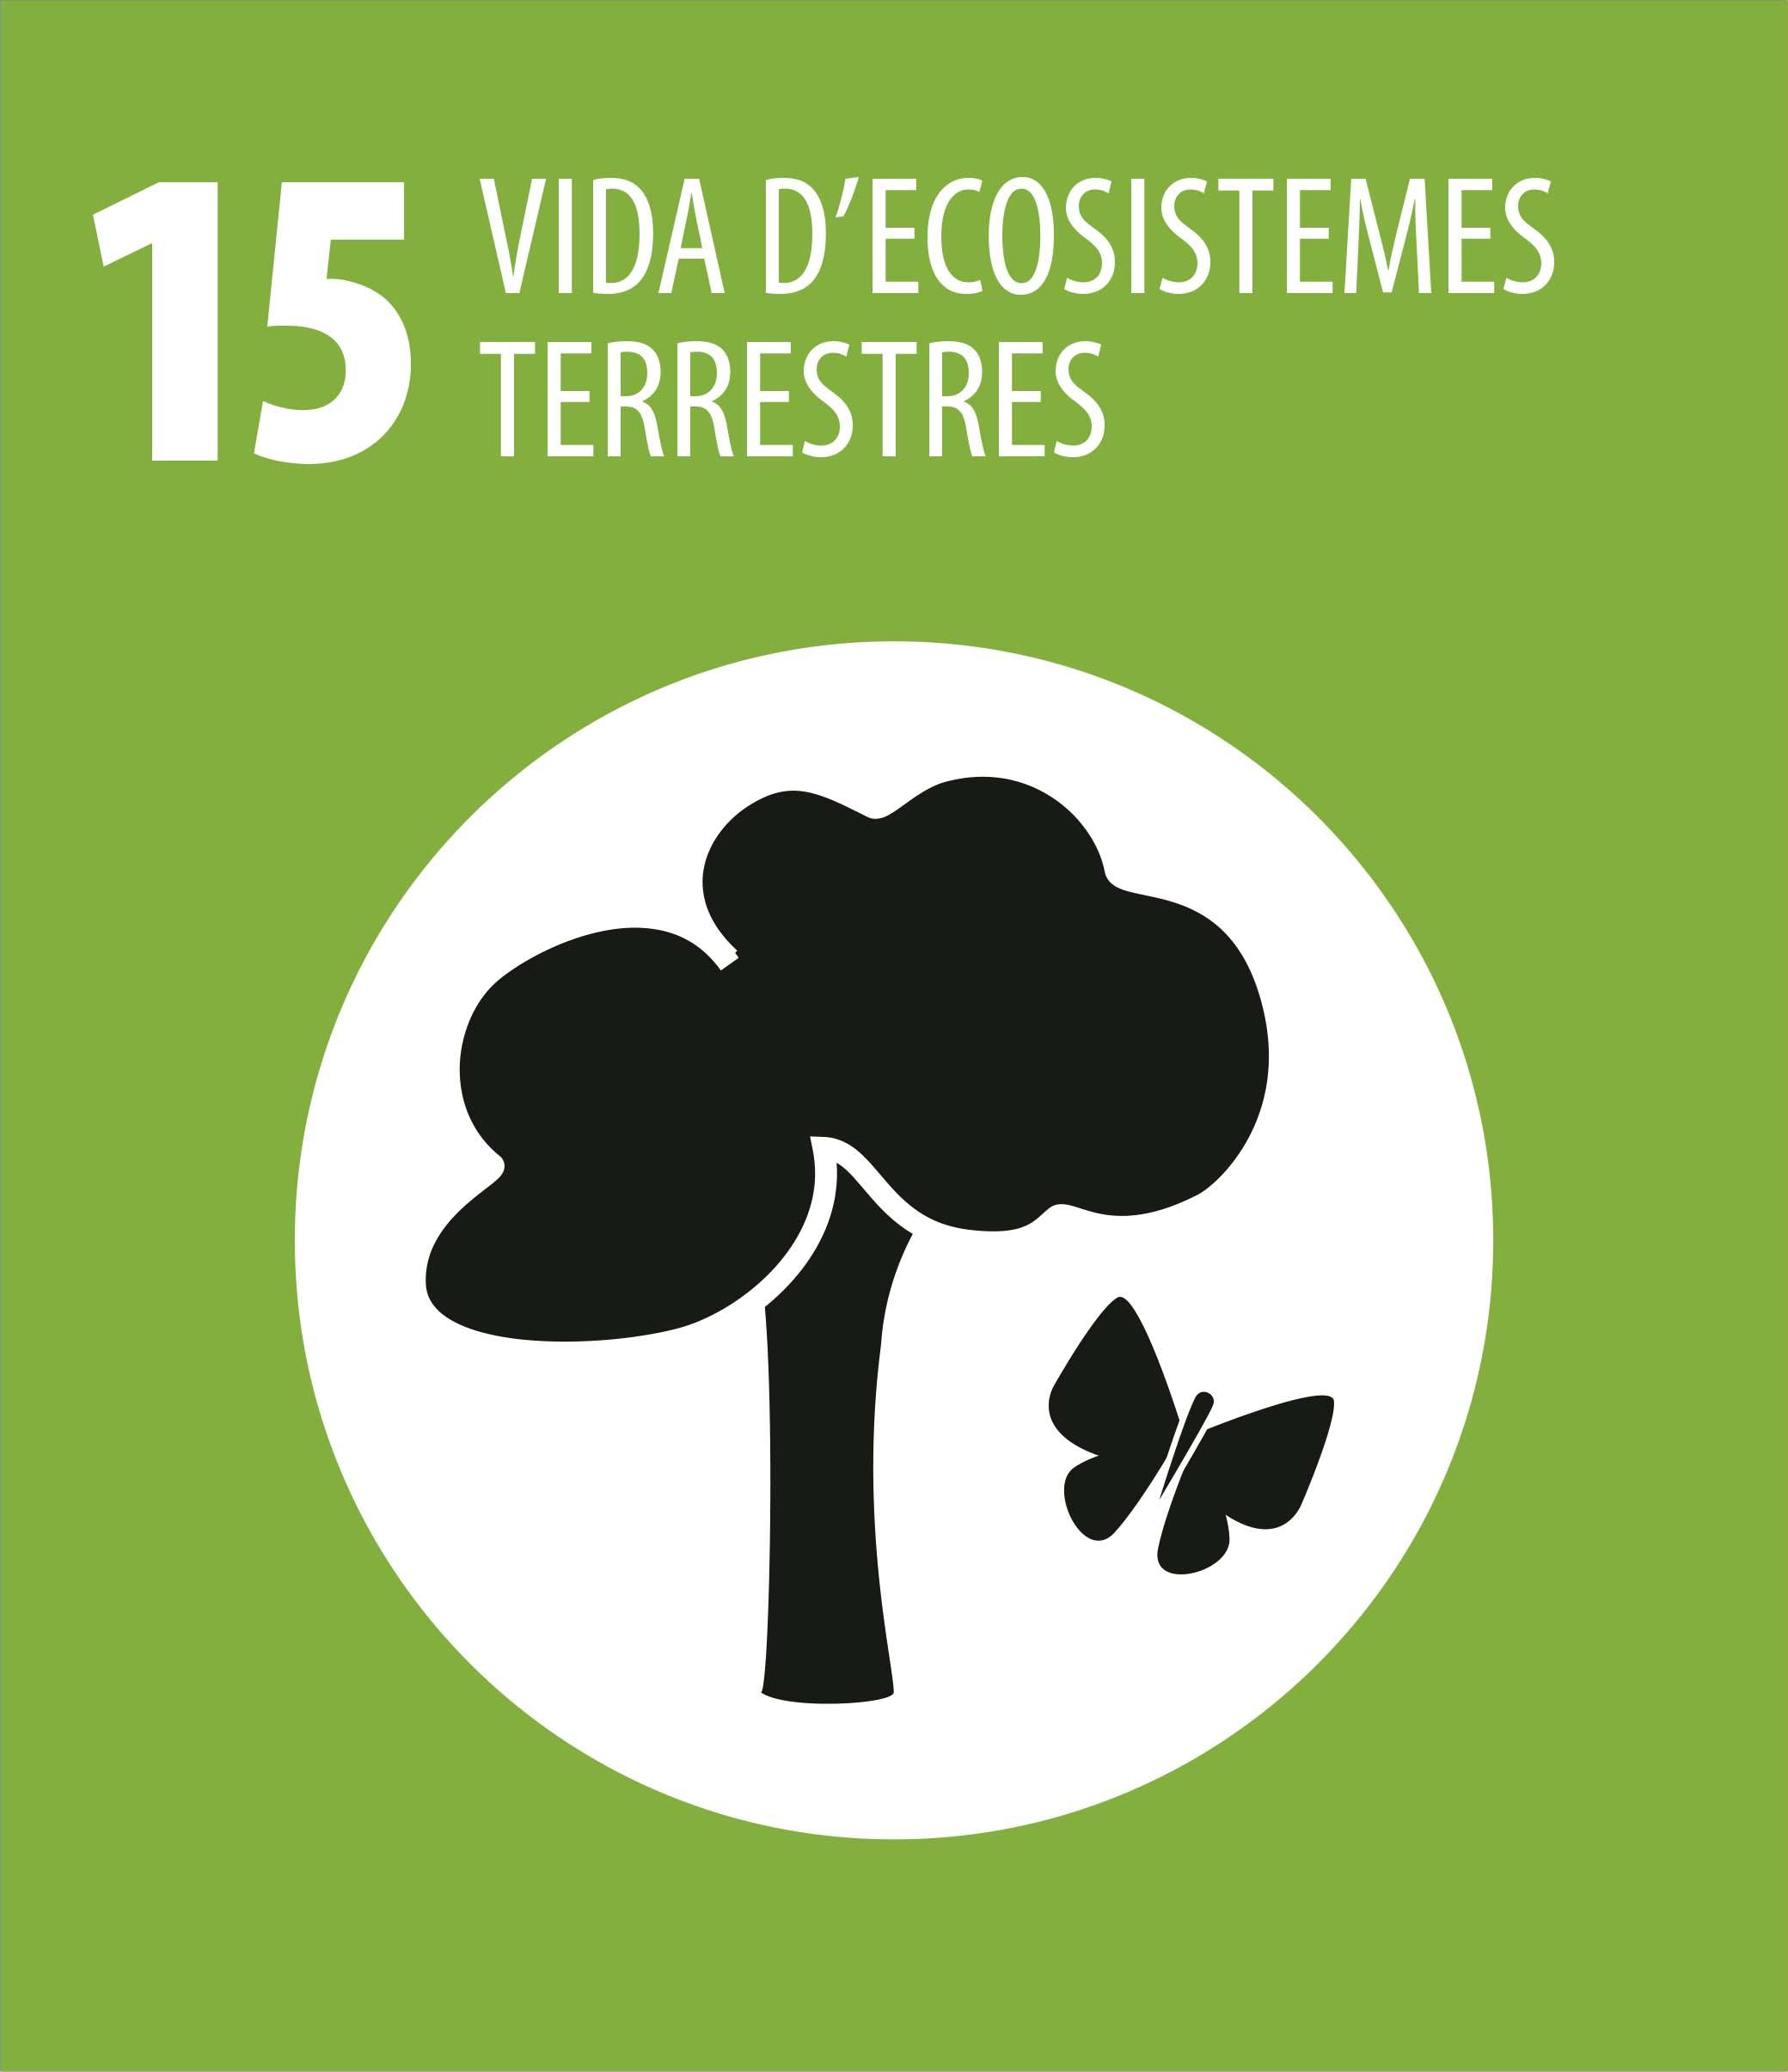 ODS 15 Vida ecosistemes terrestres